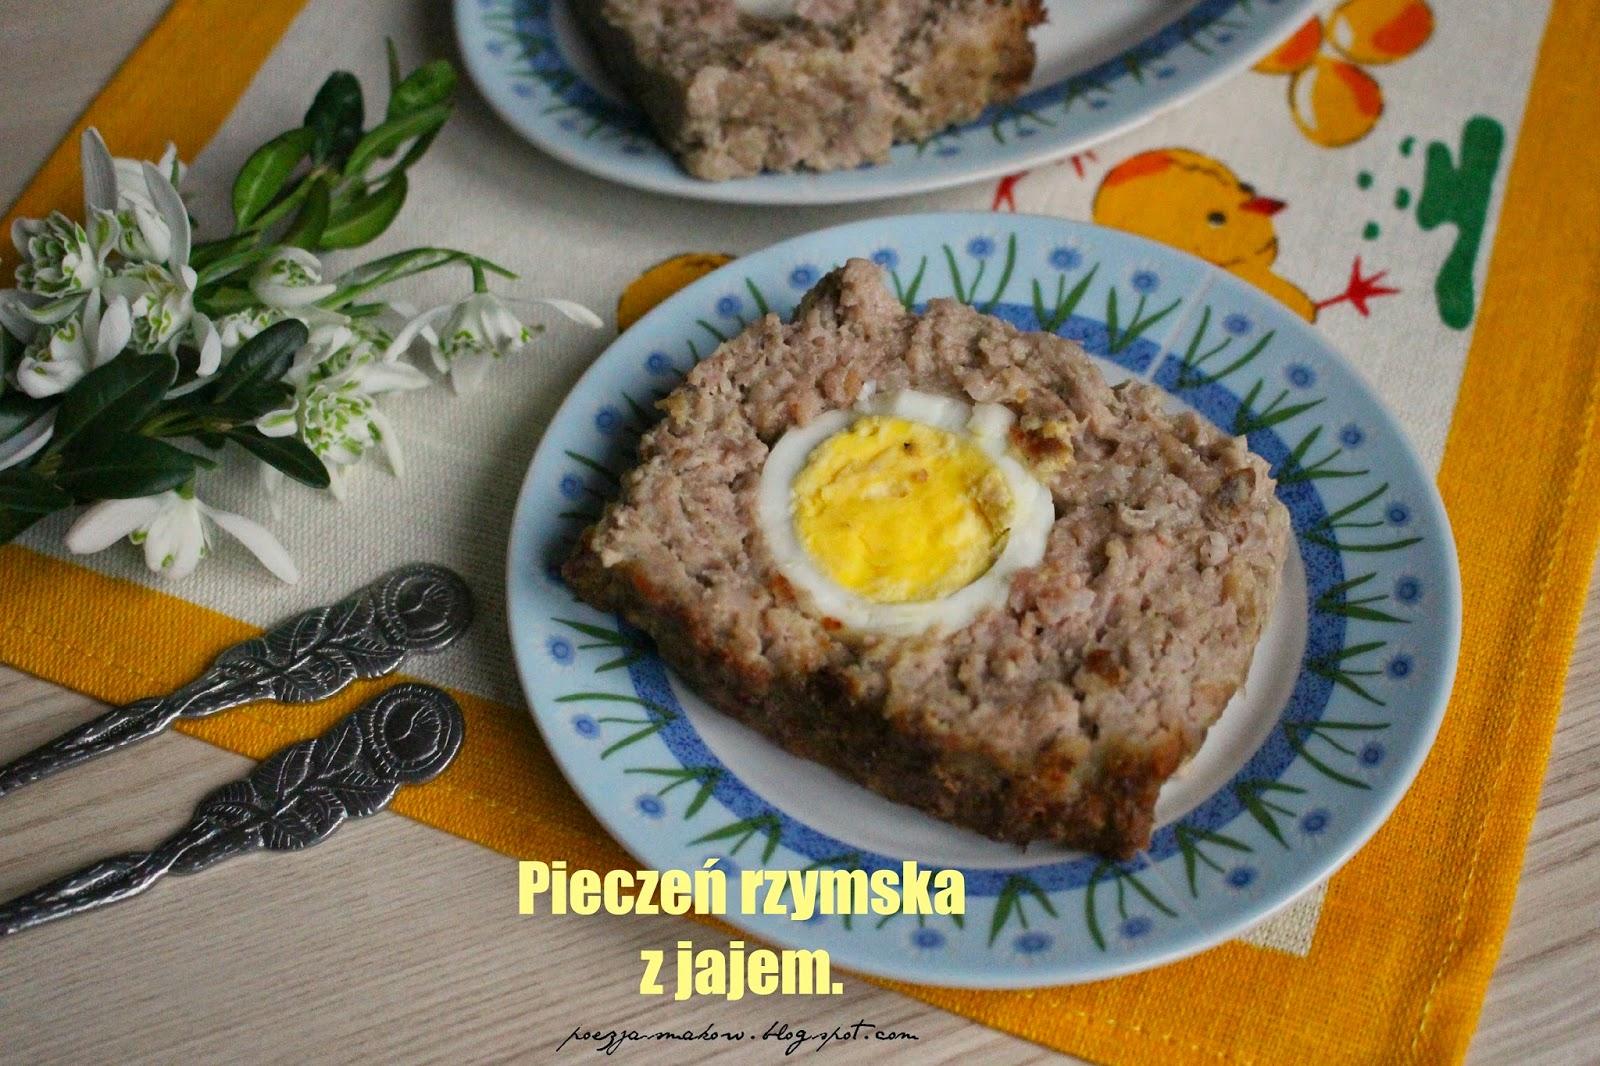 Pieczeń rzymska z jajem.